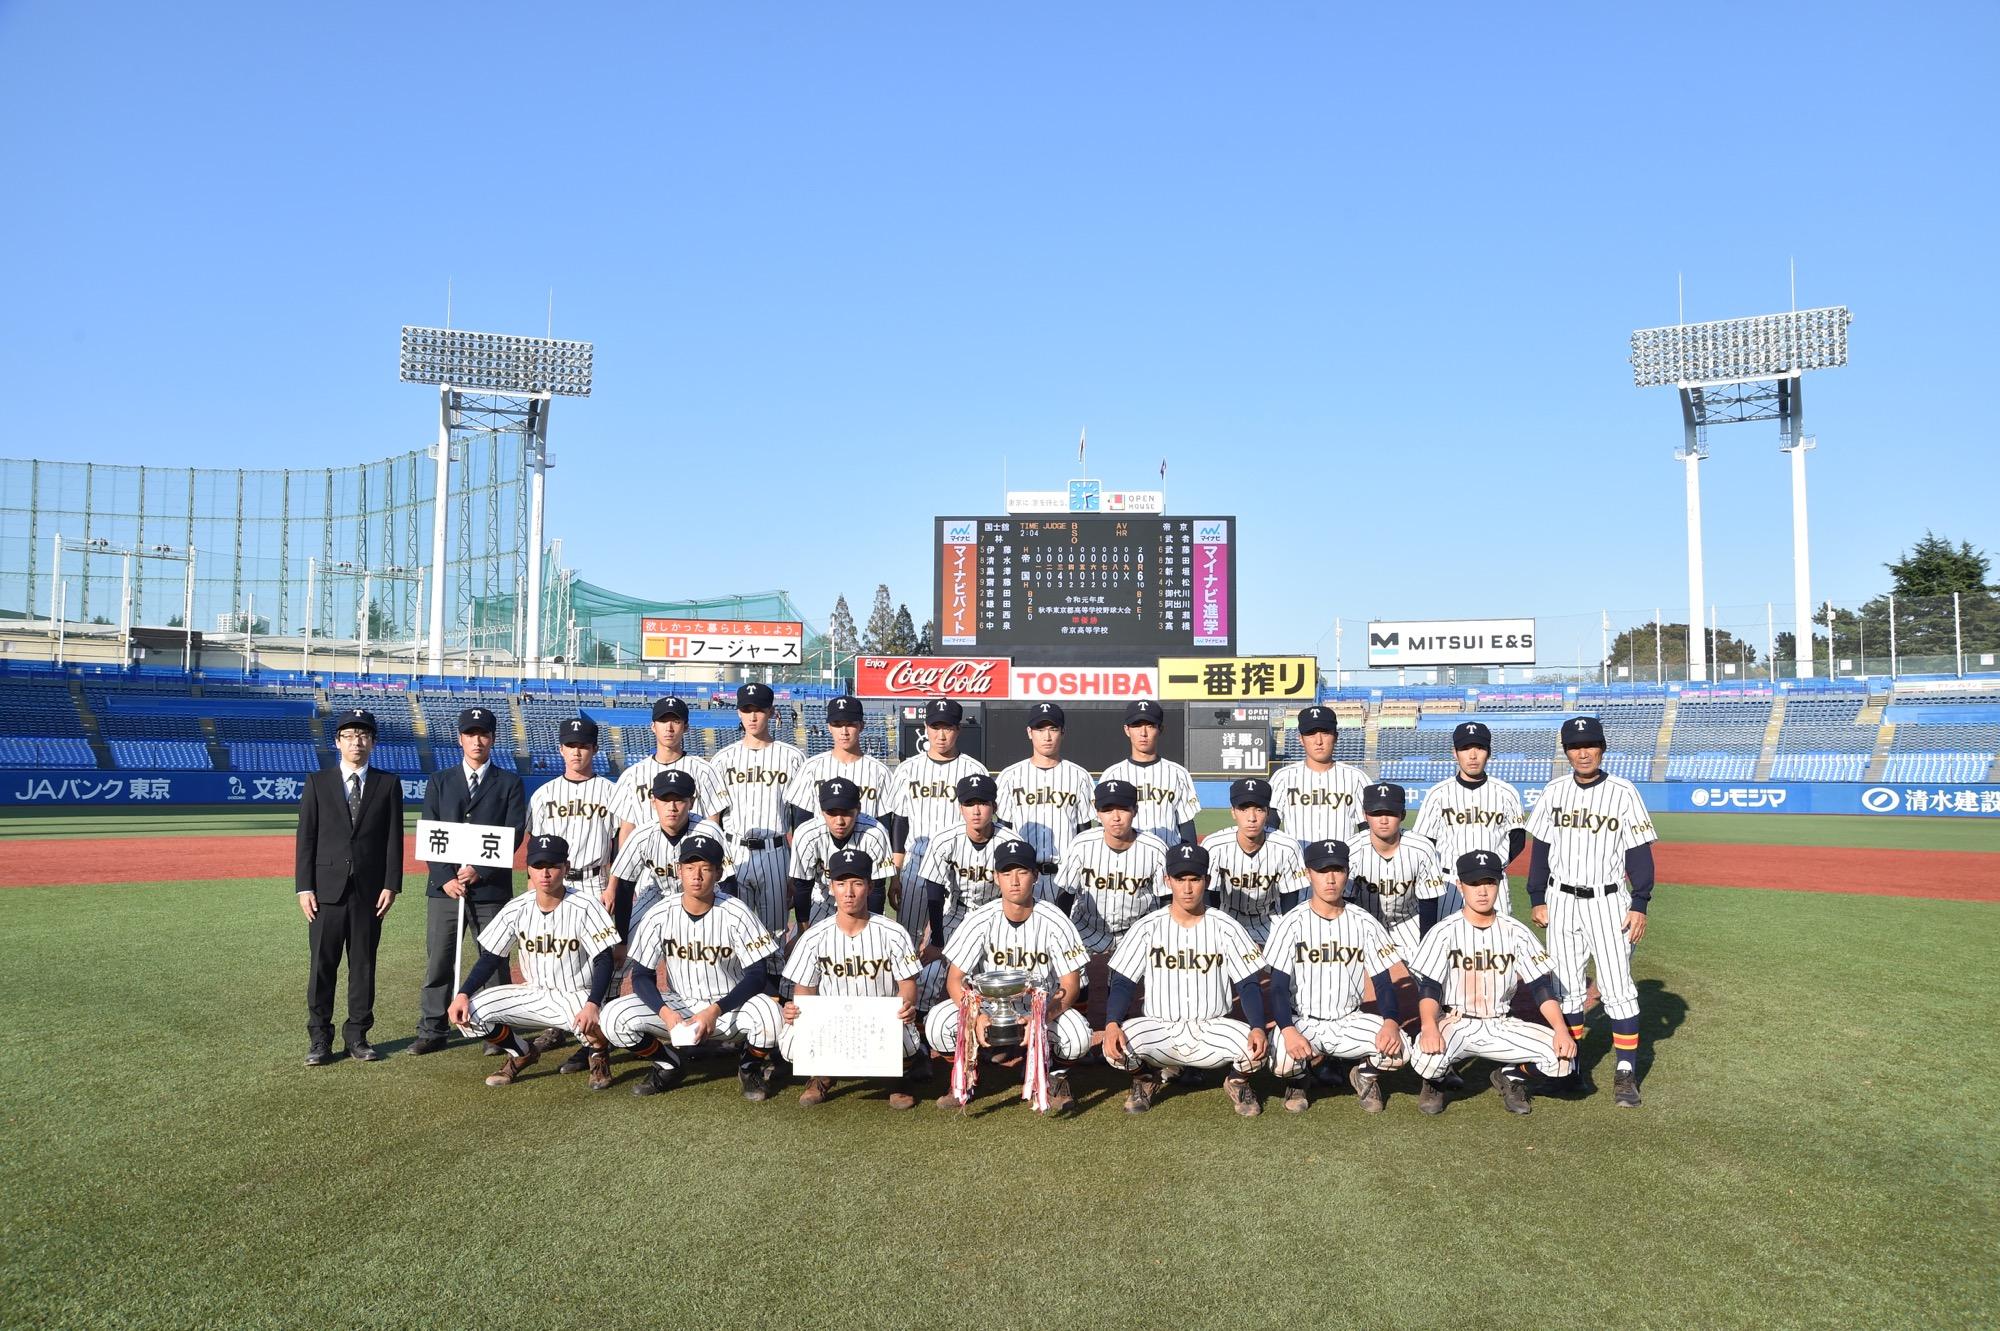 【帝 京 野球部】「無念…」